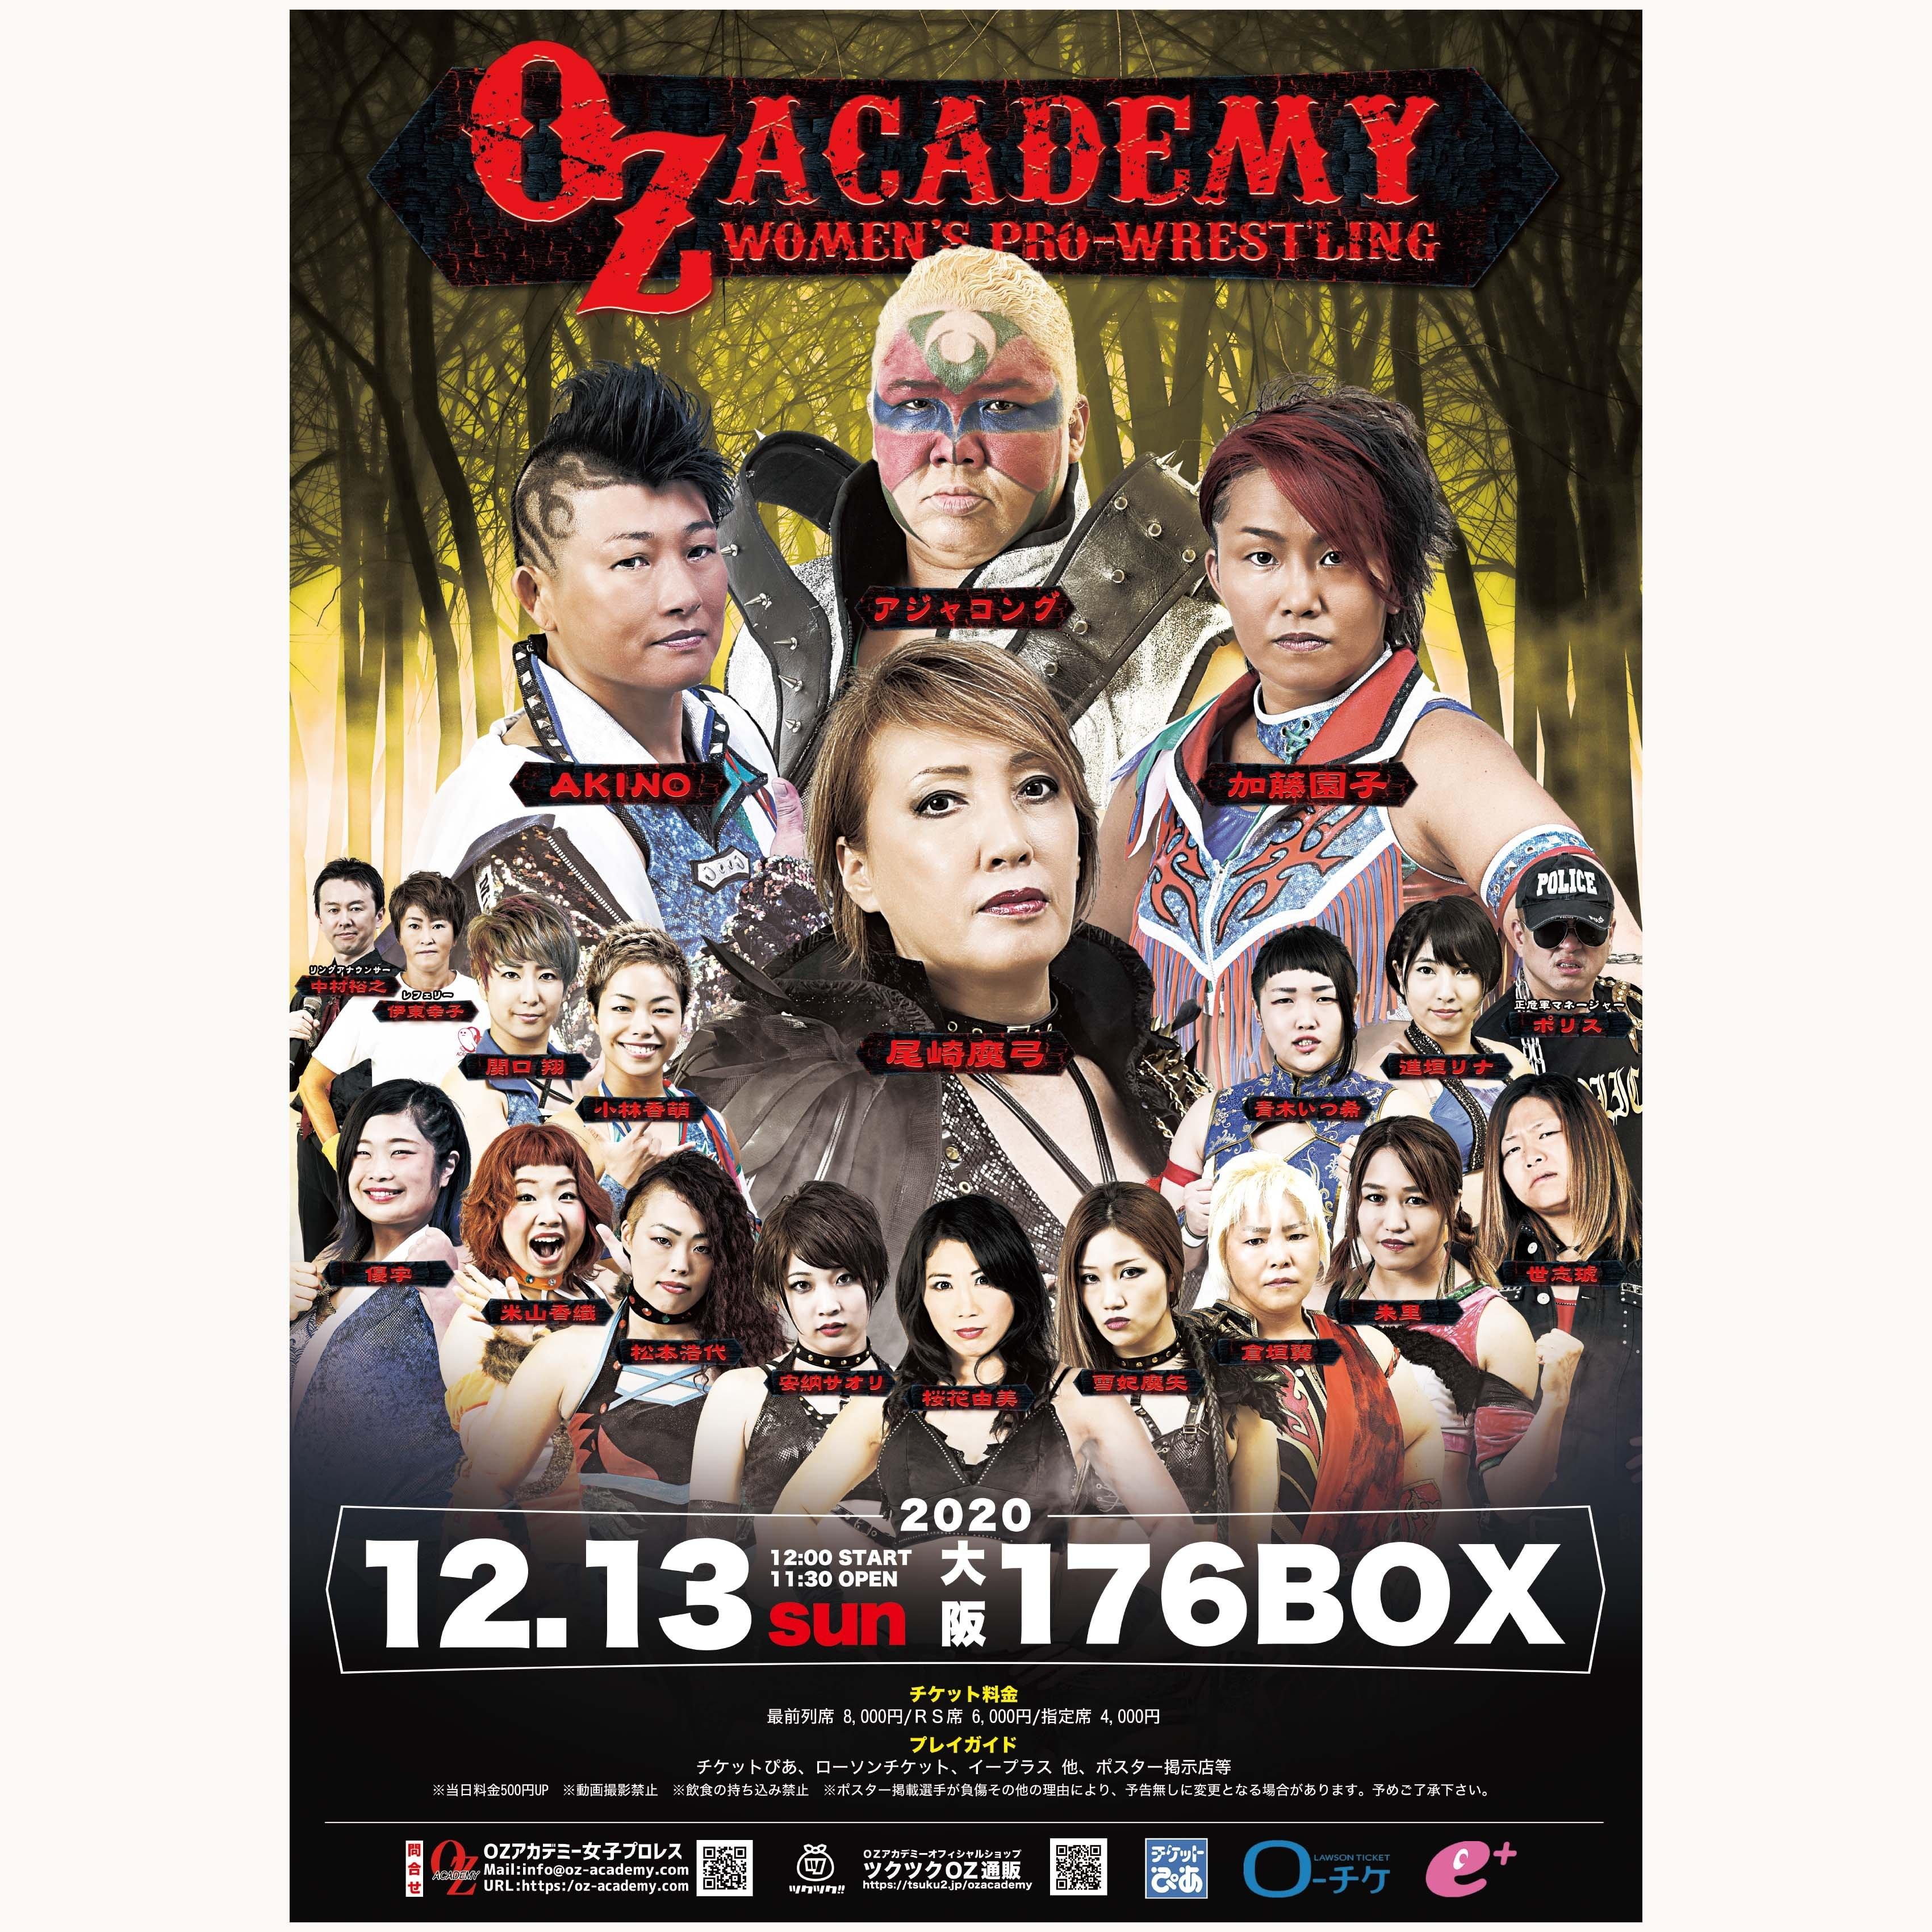 12月13日(日)大阪 176BOX[最前列席]のイメージその1